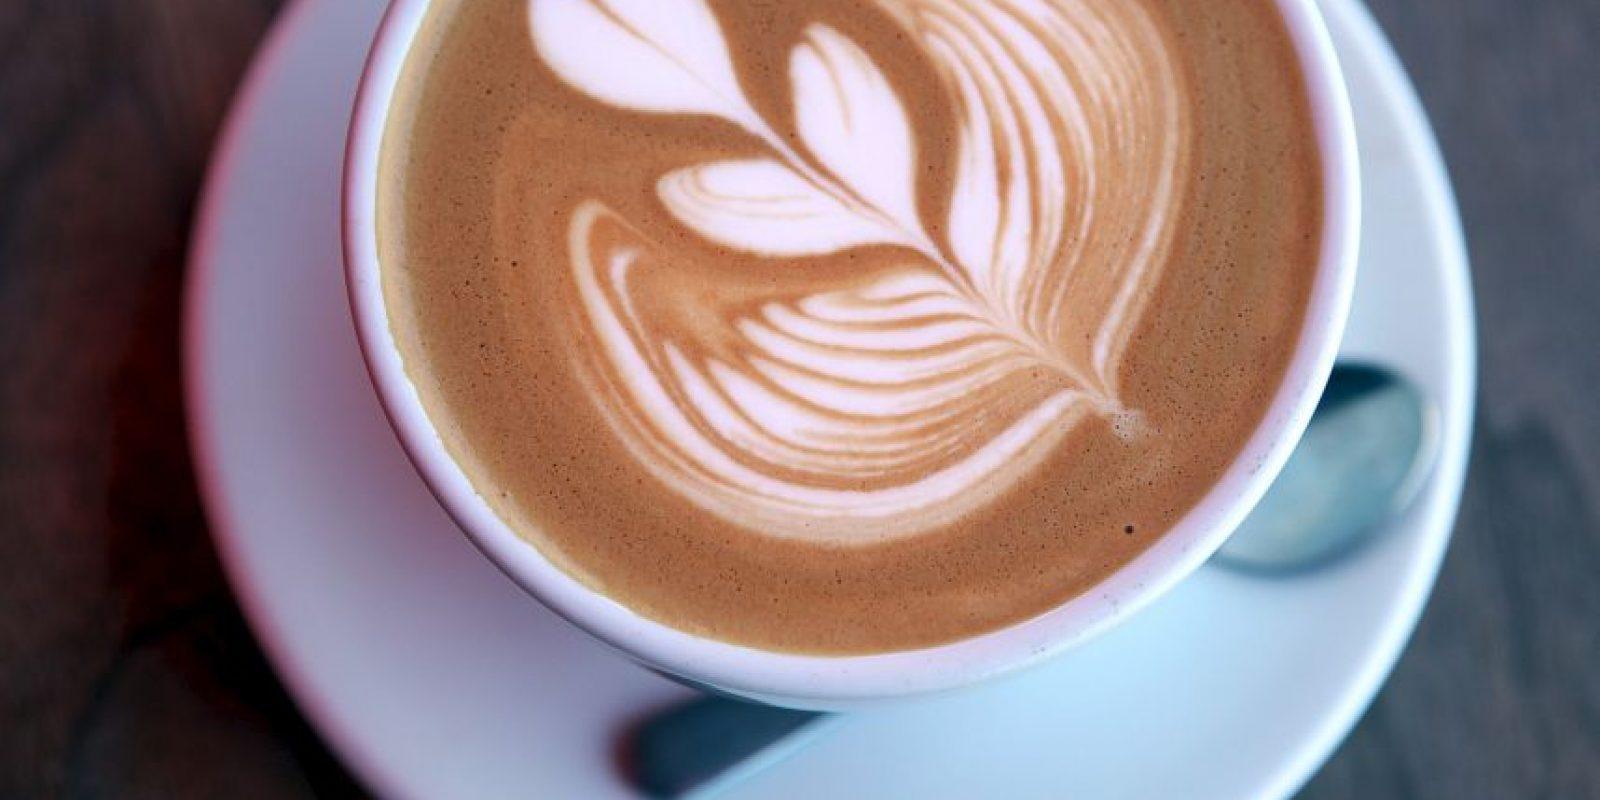 Los efectos beneficiosos del café en el asma se conocen desde hace más de un siglo y el café se emplea para tratar esa enfermedad en Escocia desde 1859. Investigaciones recientes confirmas ese efecto. Foto:Getty Images